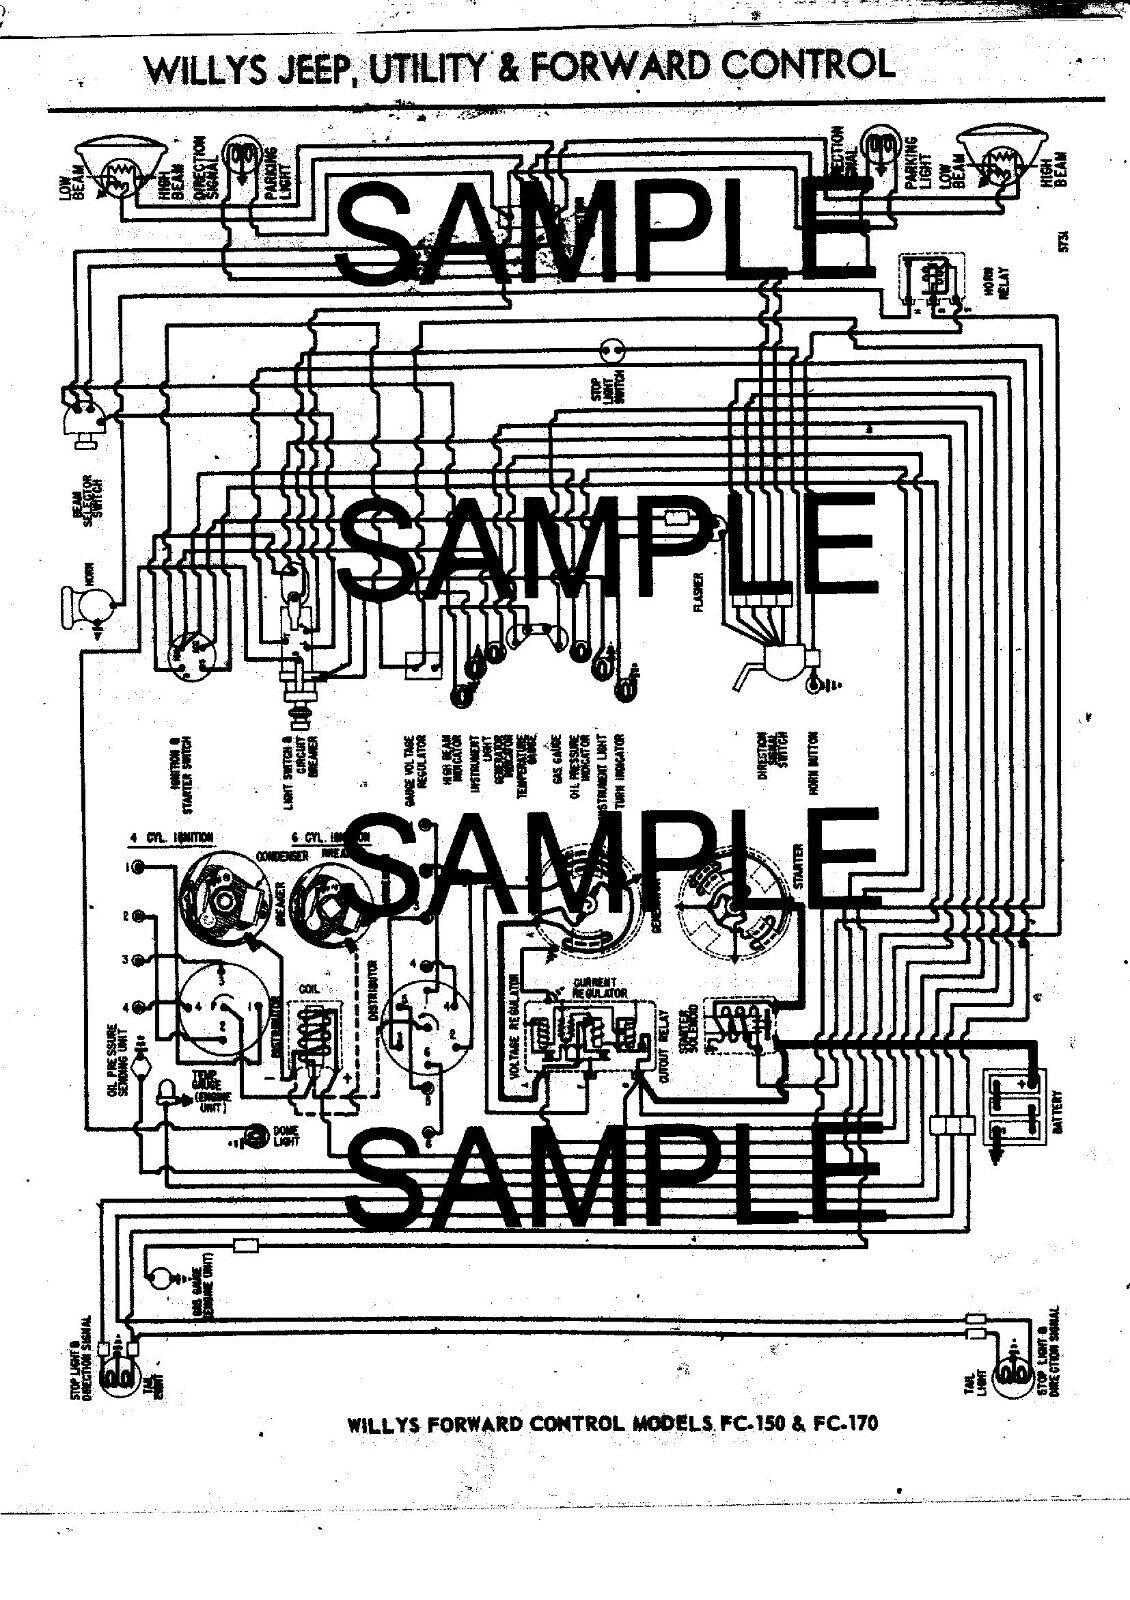 1958 Willys Jeep Forward Control 150 170 4 6 Cyl 58 Wiring Diagram Chart Ndsbk Ebay